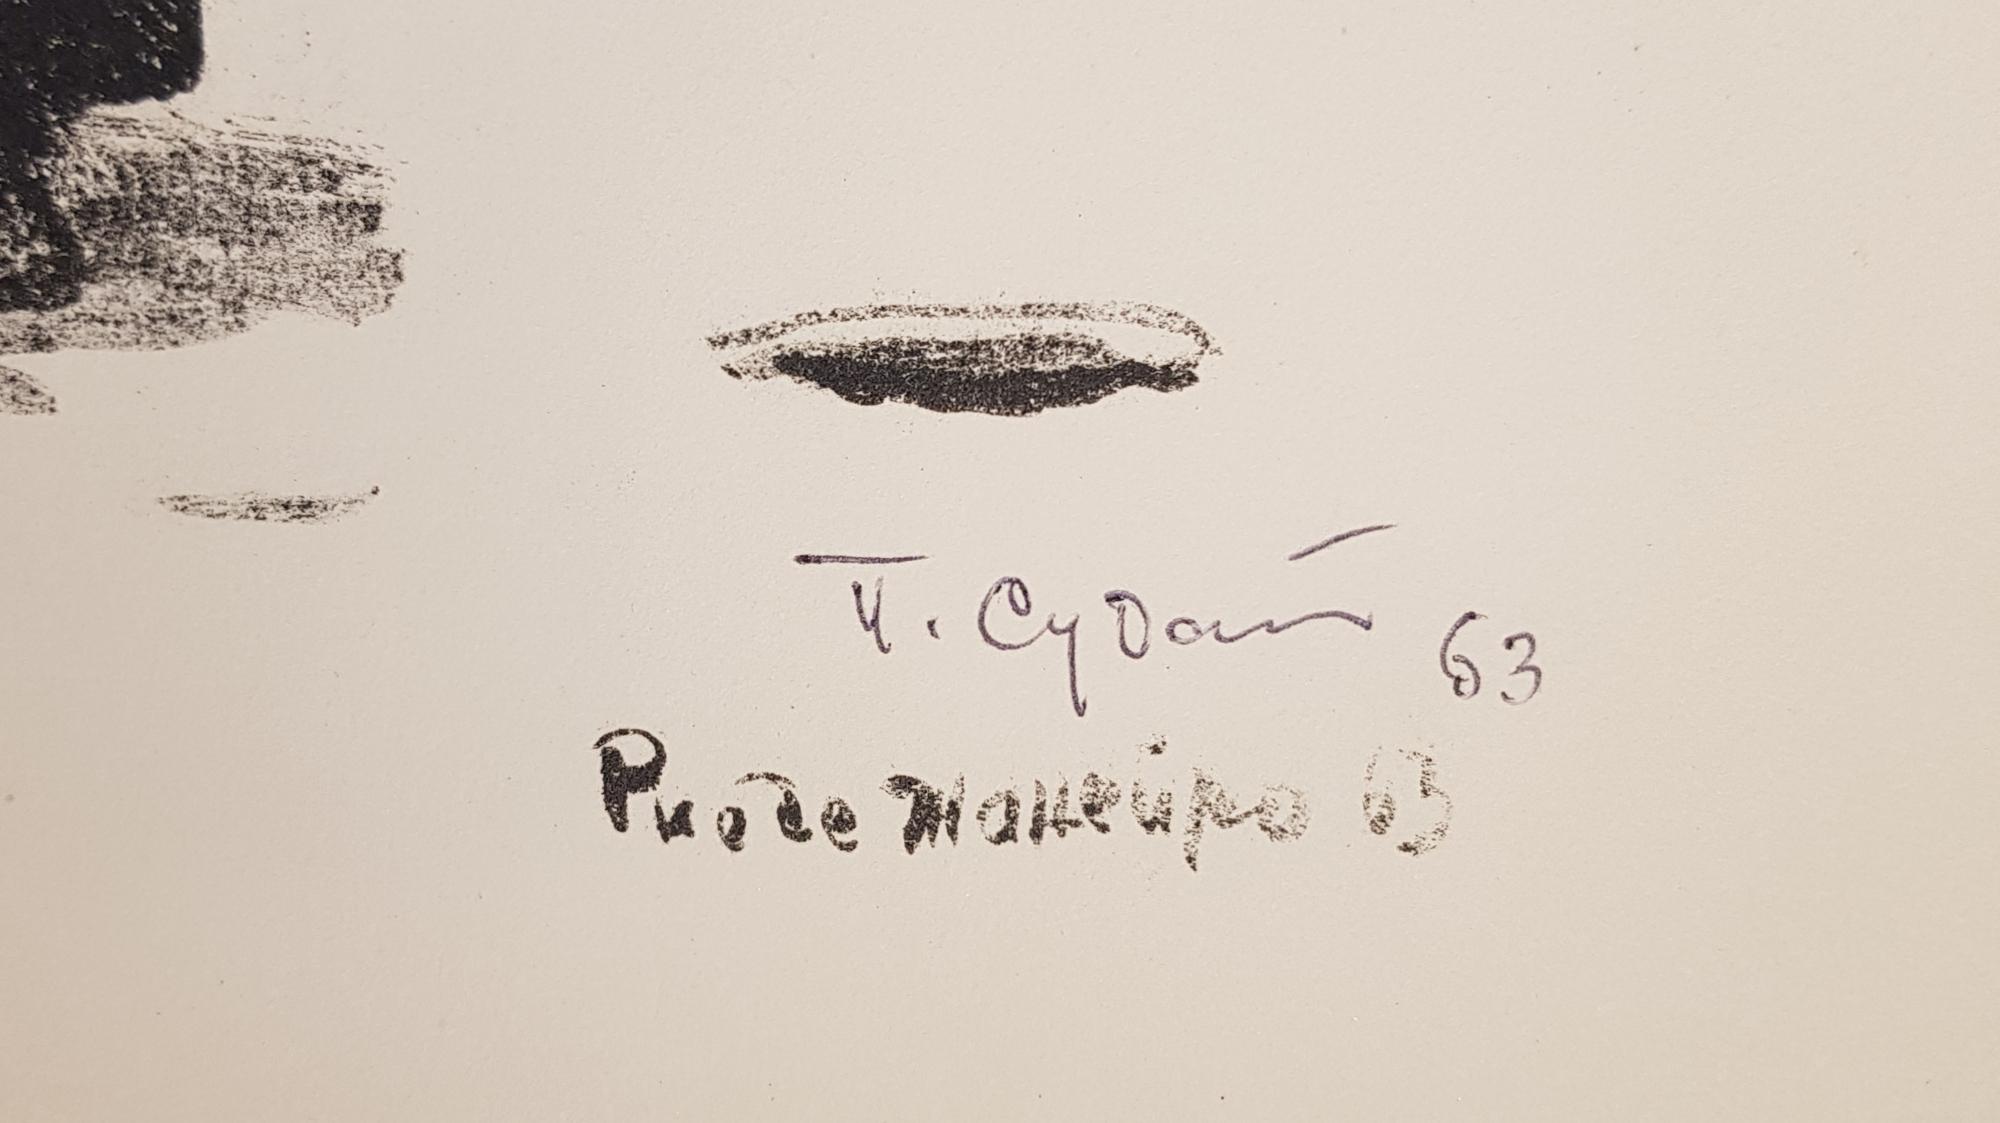 Подпись. Судаков Павел Федорович. В Рио-де-Жанейро